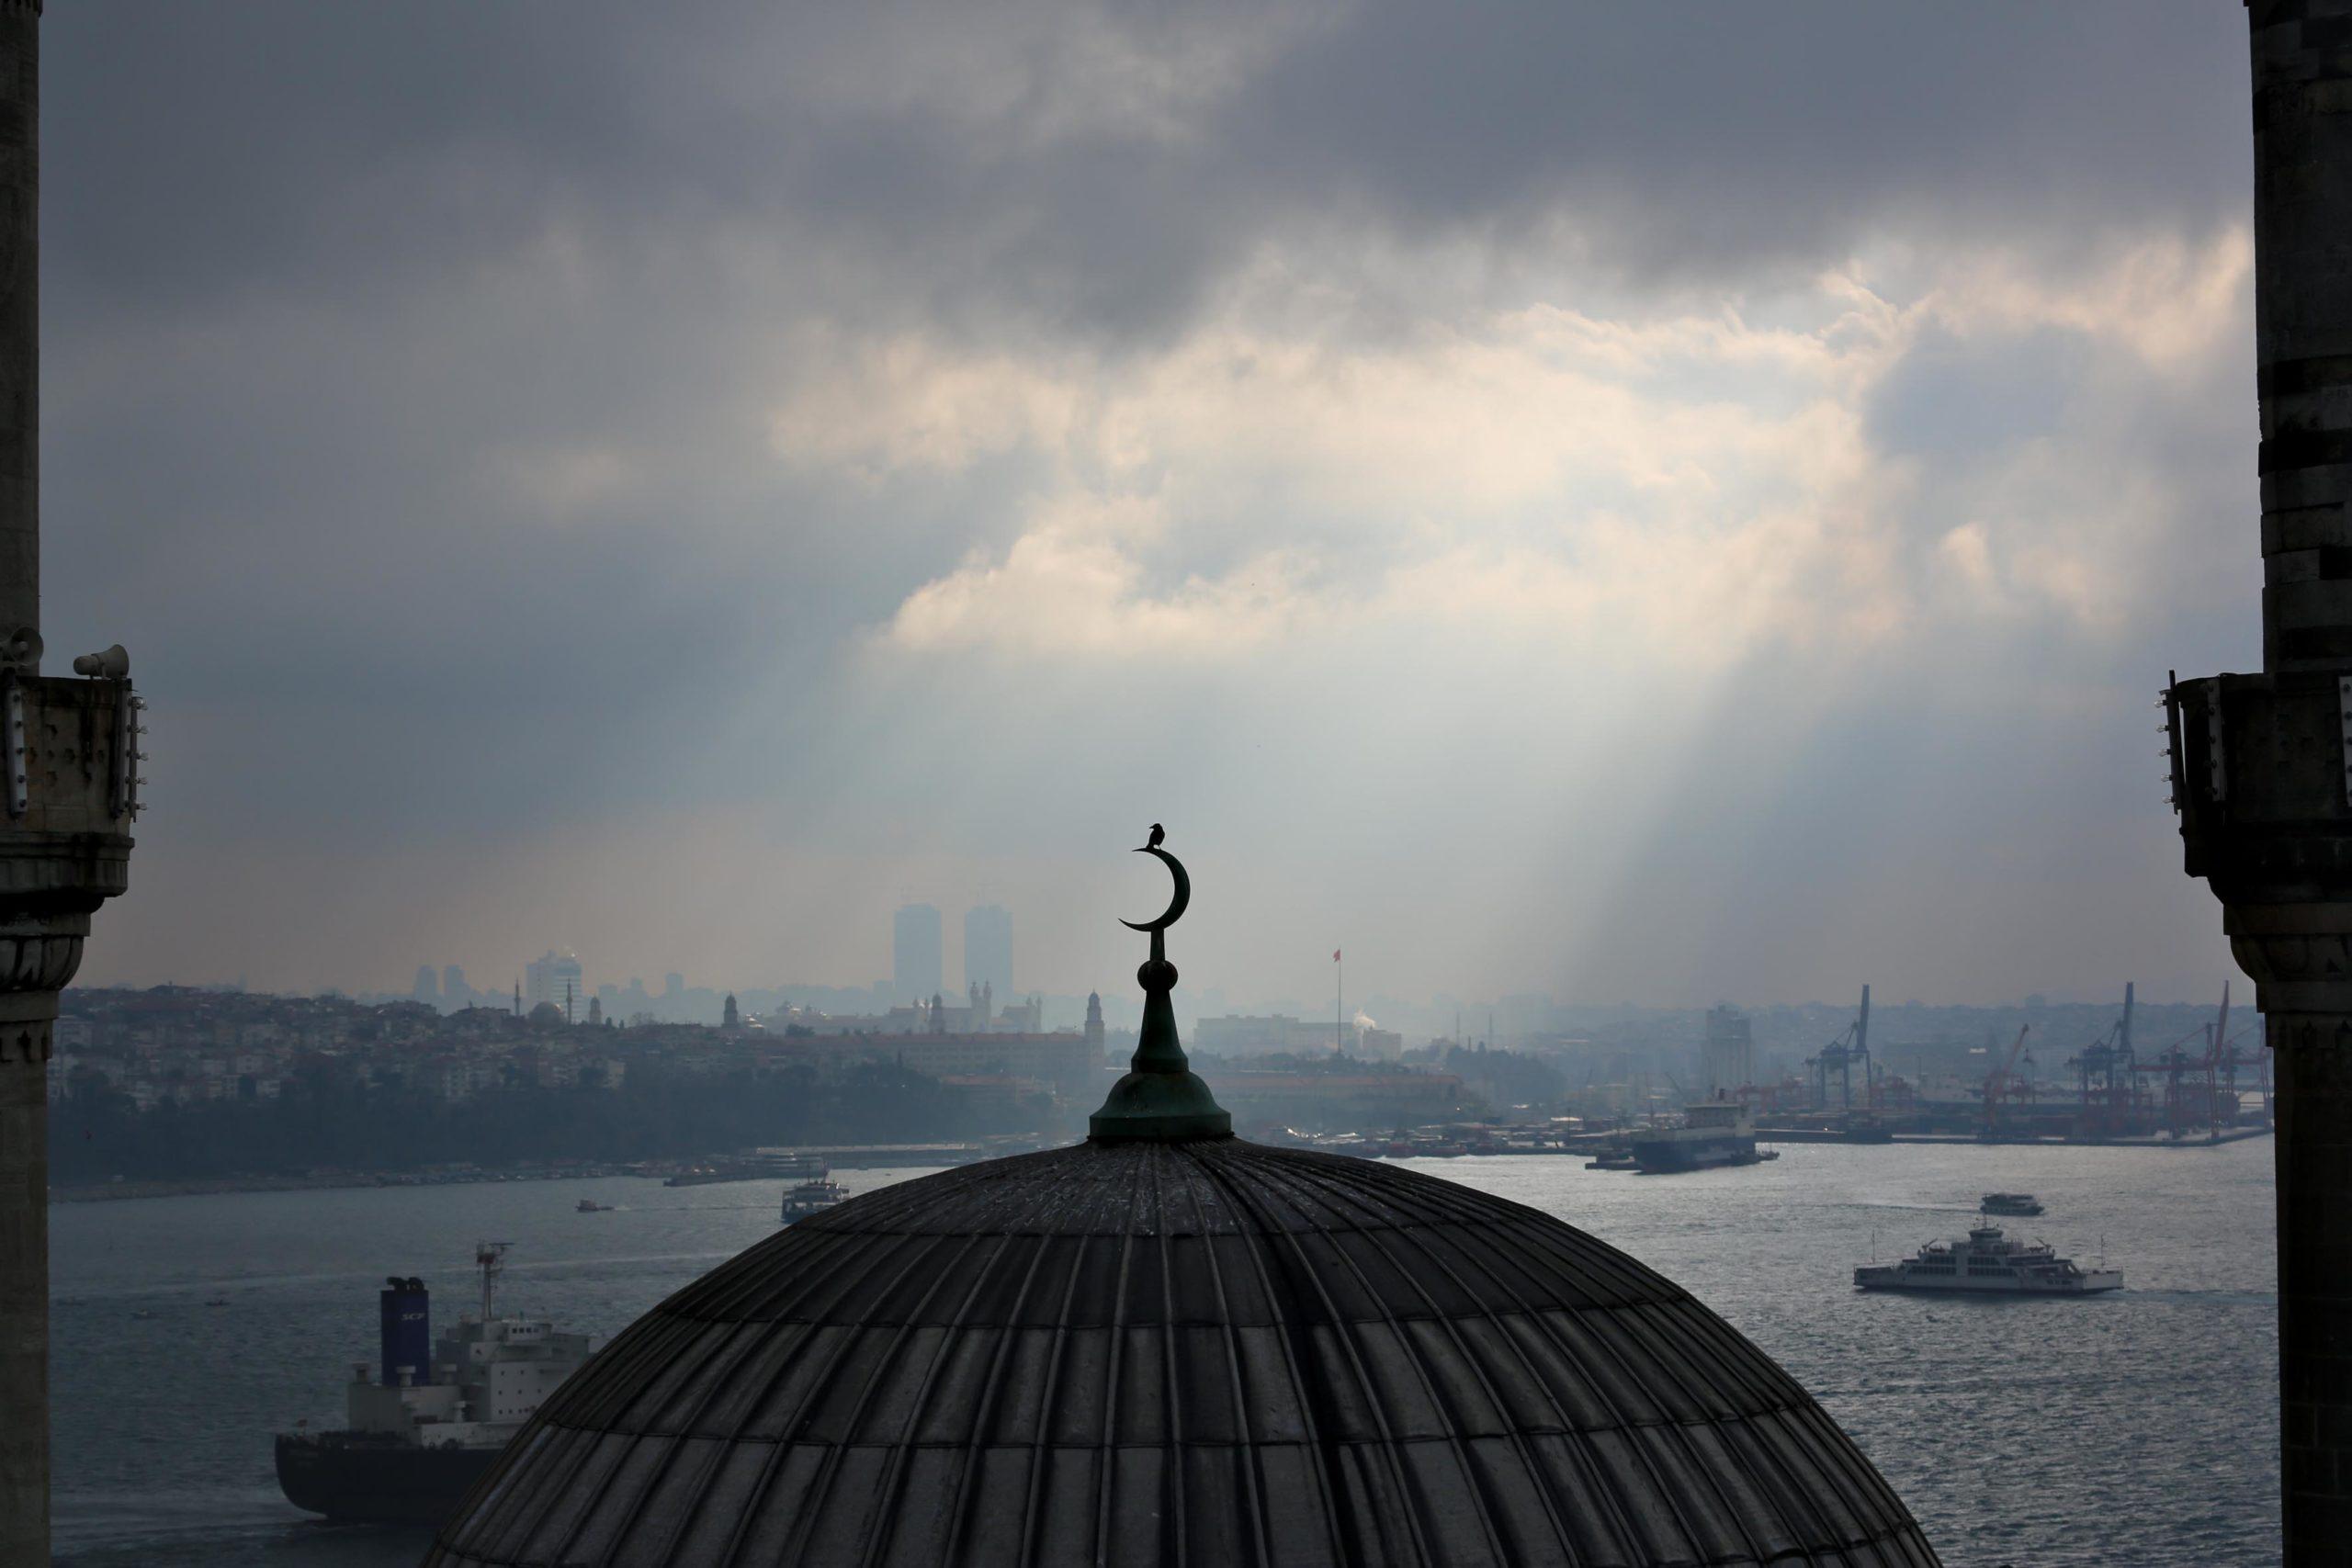 Atlas öneriyor: Yeşim Ustaoğlu'yla Doğu Karadeniz'e | Atlas | Gündem